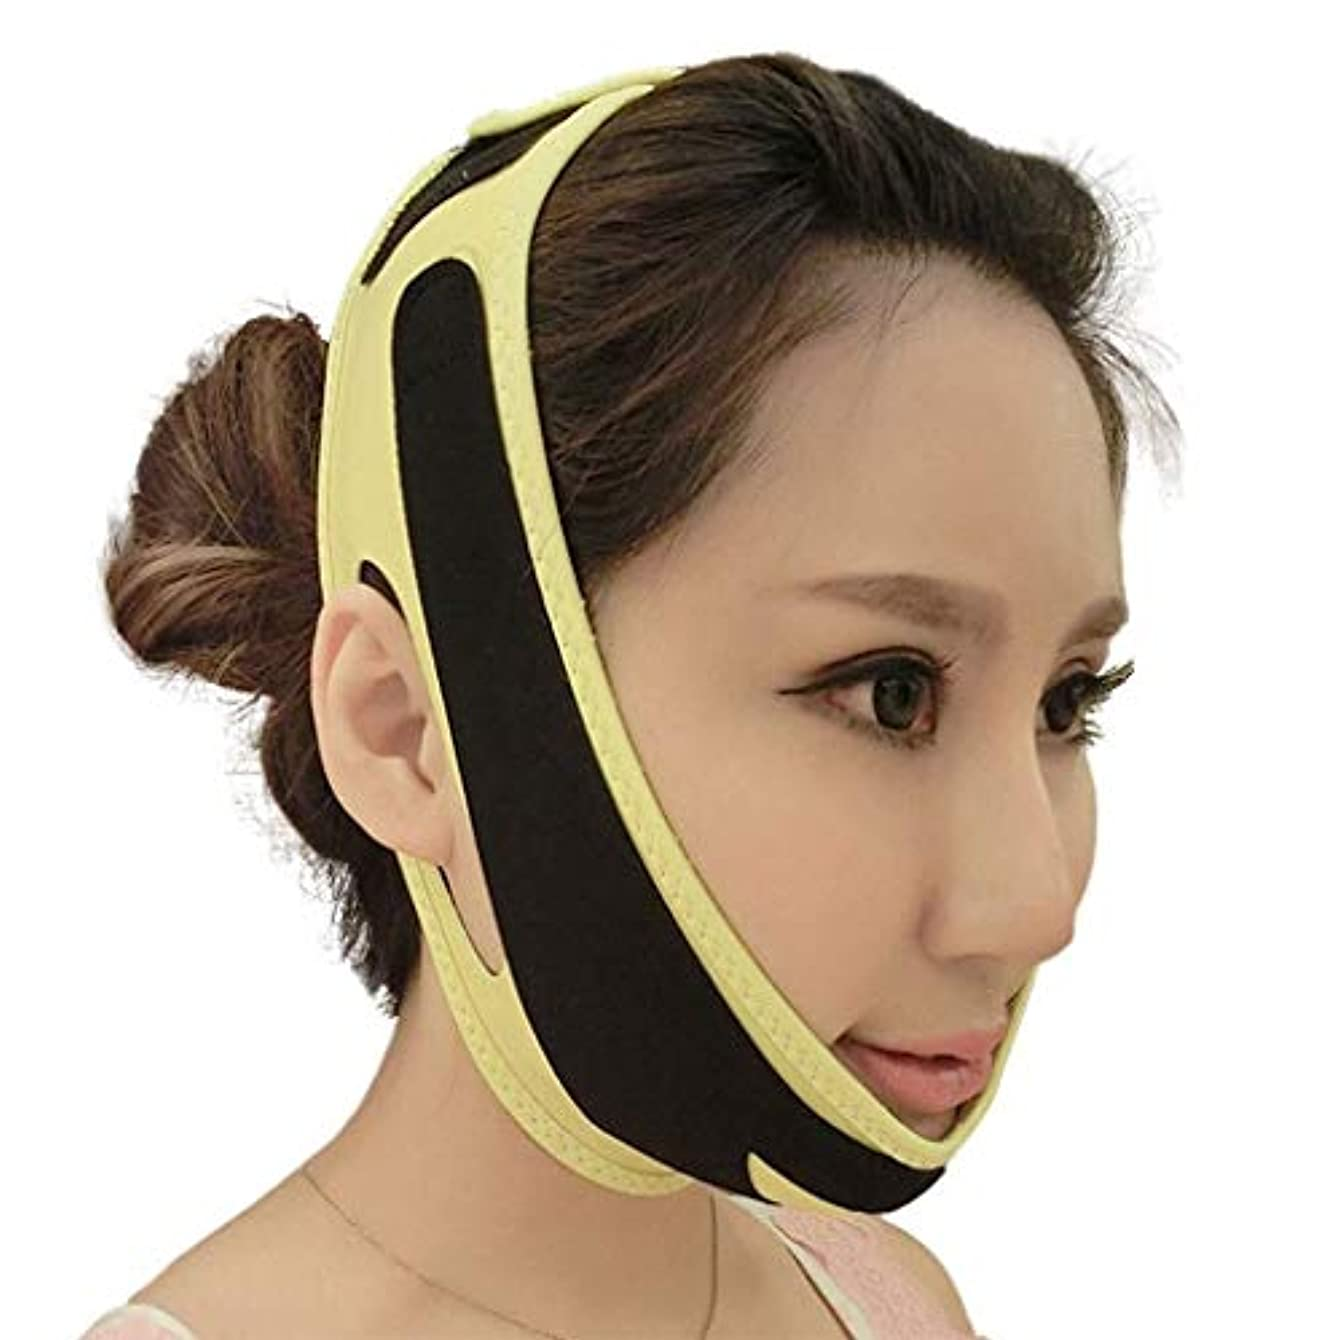 グリーンバックくしゃみ倉庫顔の持ち上がる細くの伸縮性があるベルト、 フェイススリミングマスク、フェイスリフト包帯Vフェイスベルトフェイスリフトバンド 女性用バンドを持ち上げる